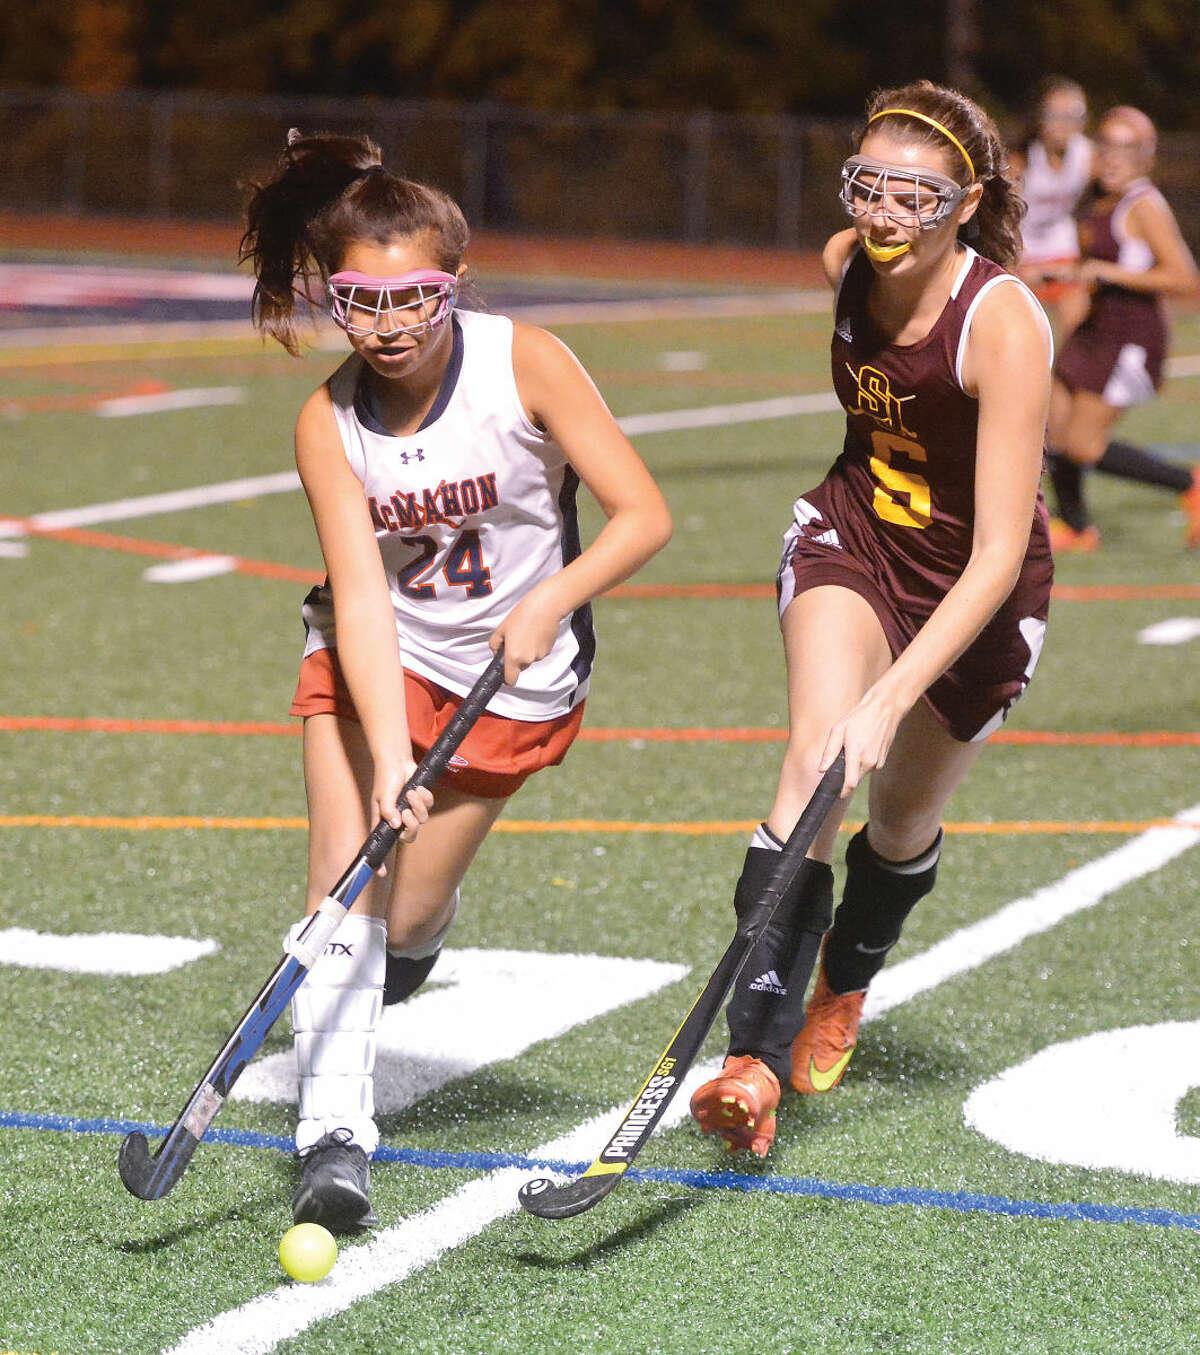 Hour photo/Alex von Kleydorff Brien McMahon's Zoe Bale battles through a St. Joseph defender on Wednesday night.